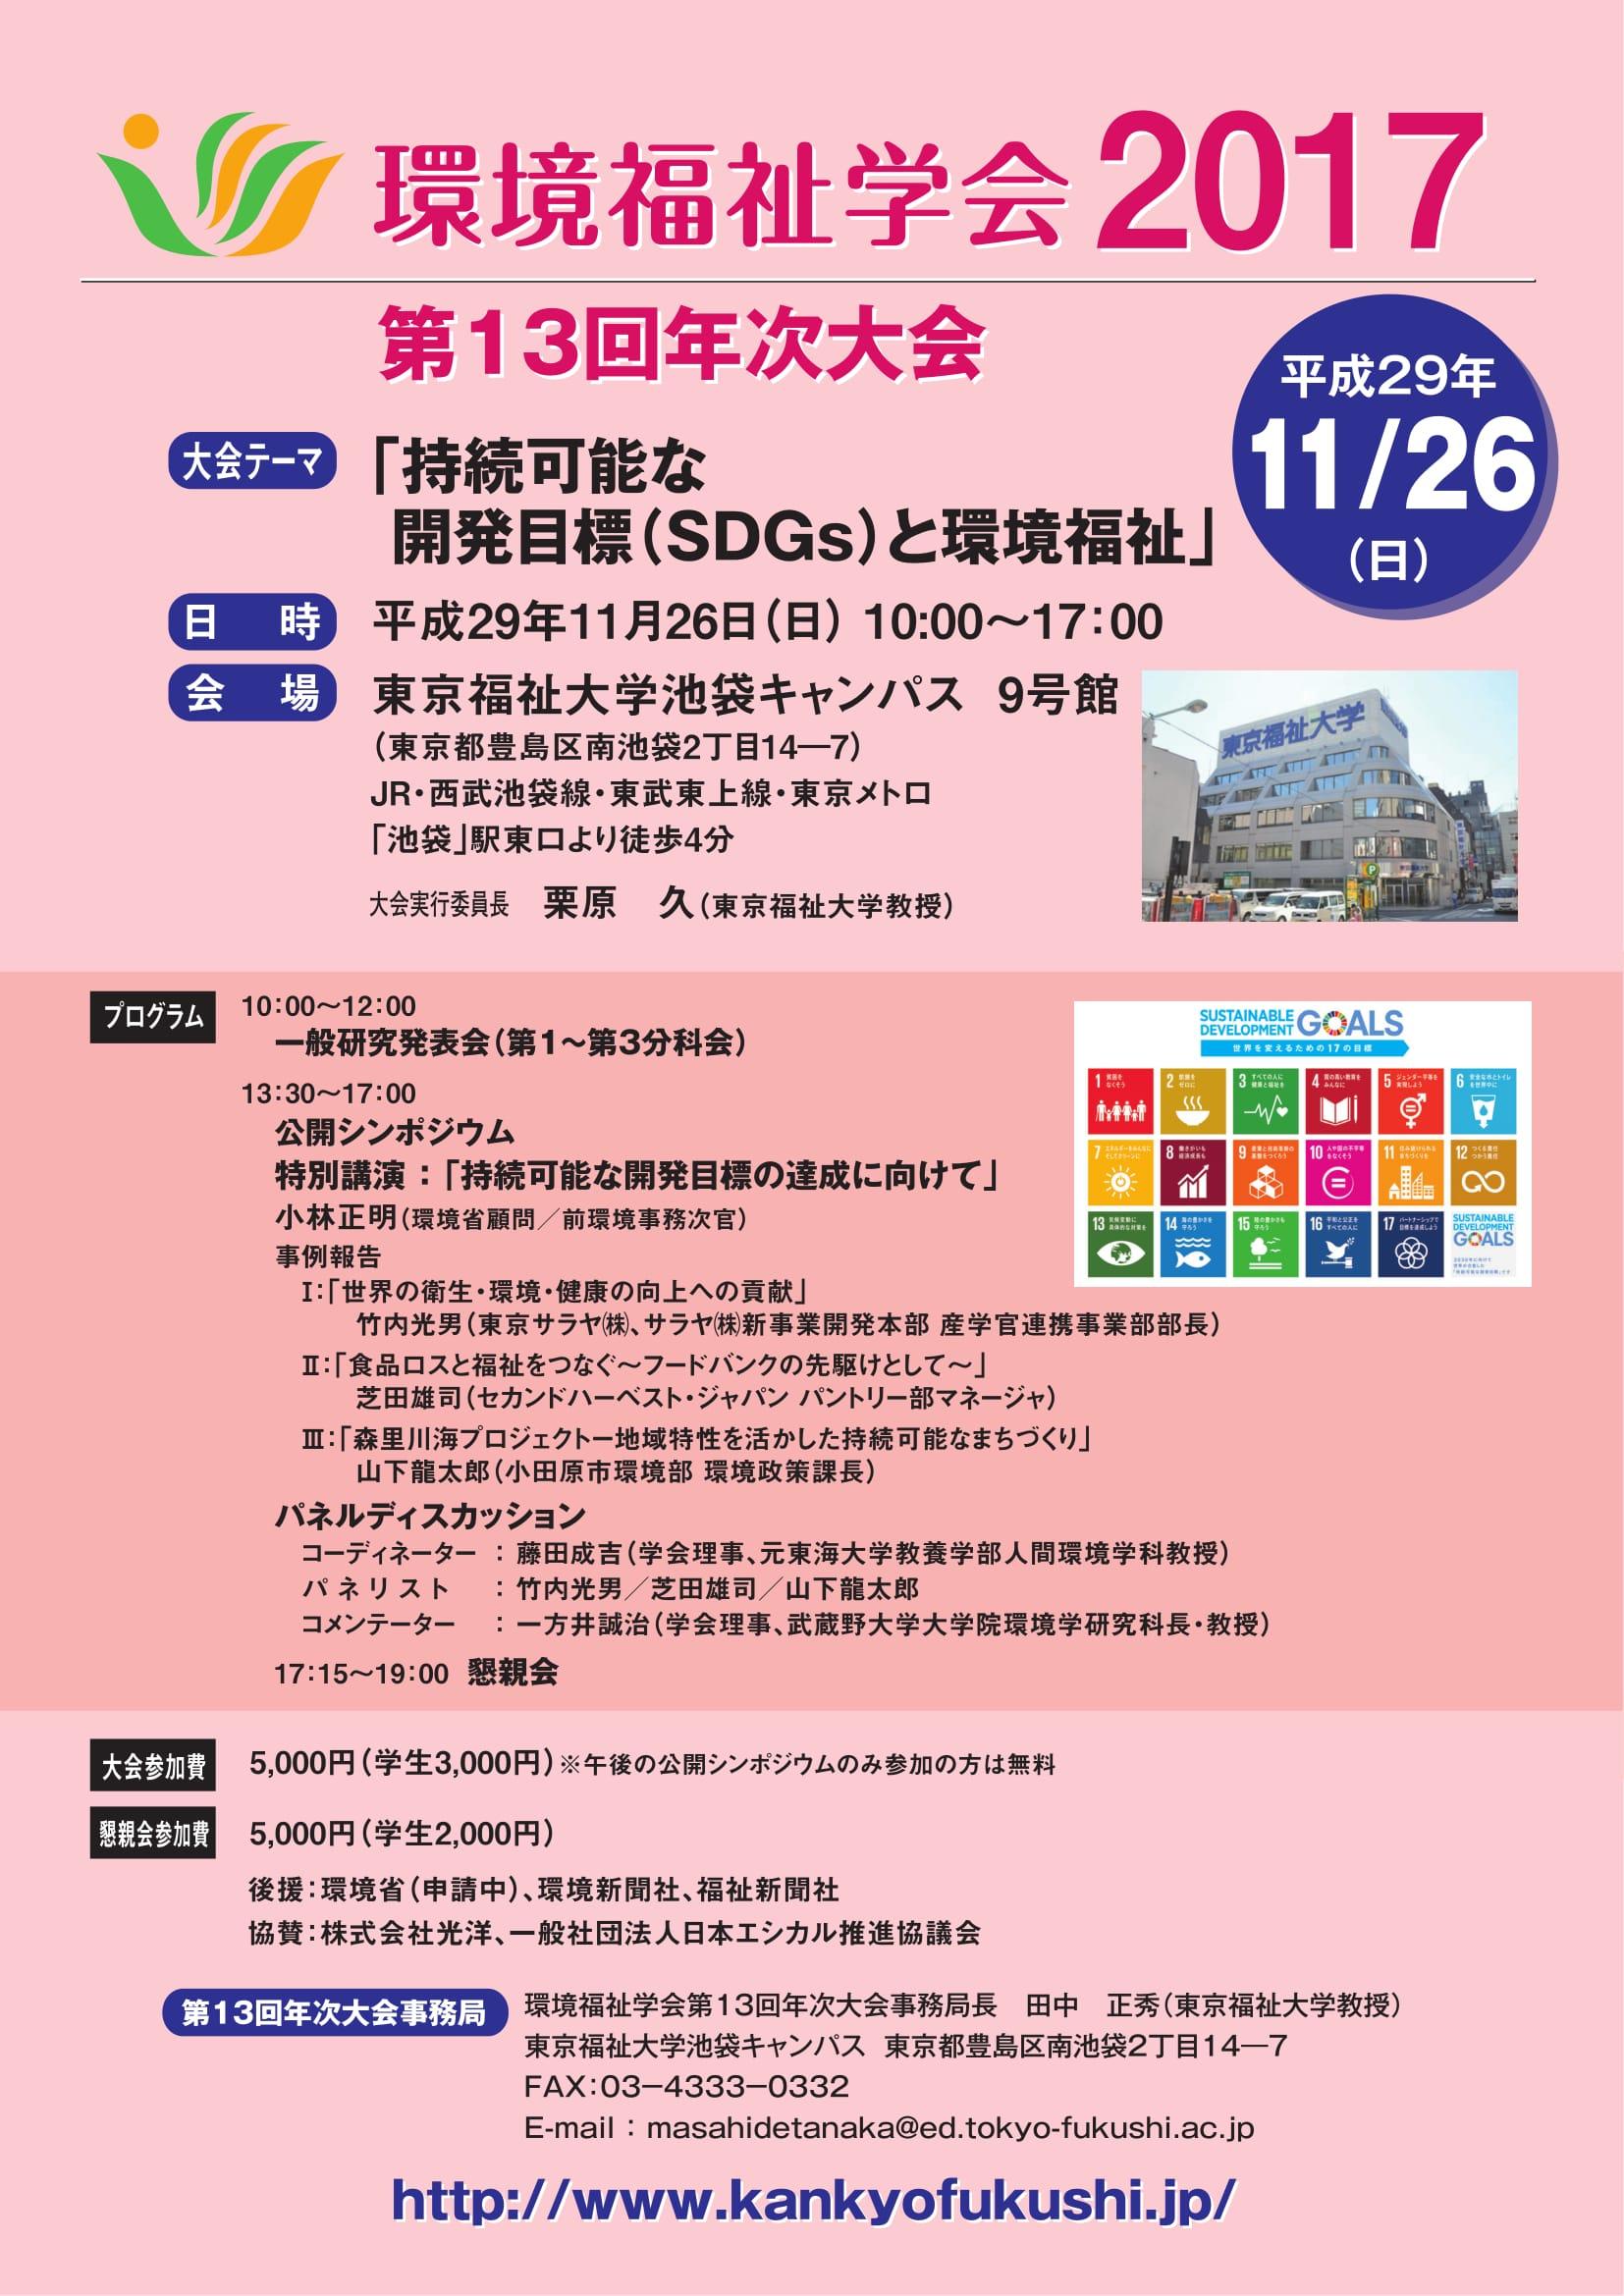 今月26日に「SDGsと環境福祉」テーマにシンポジウム開催